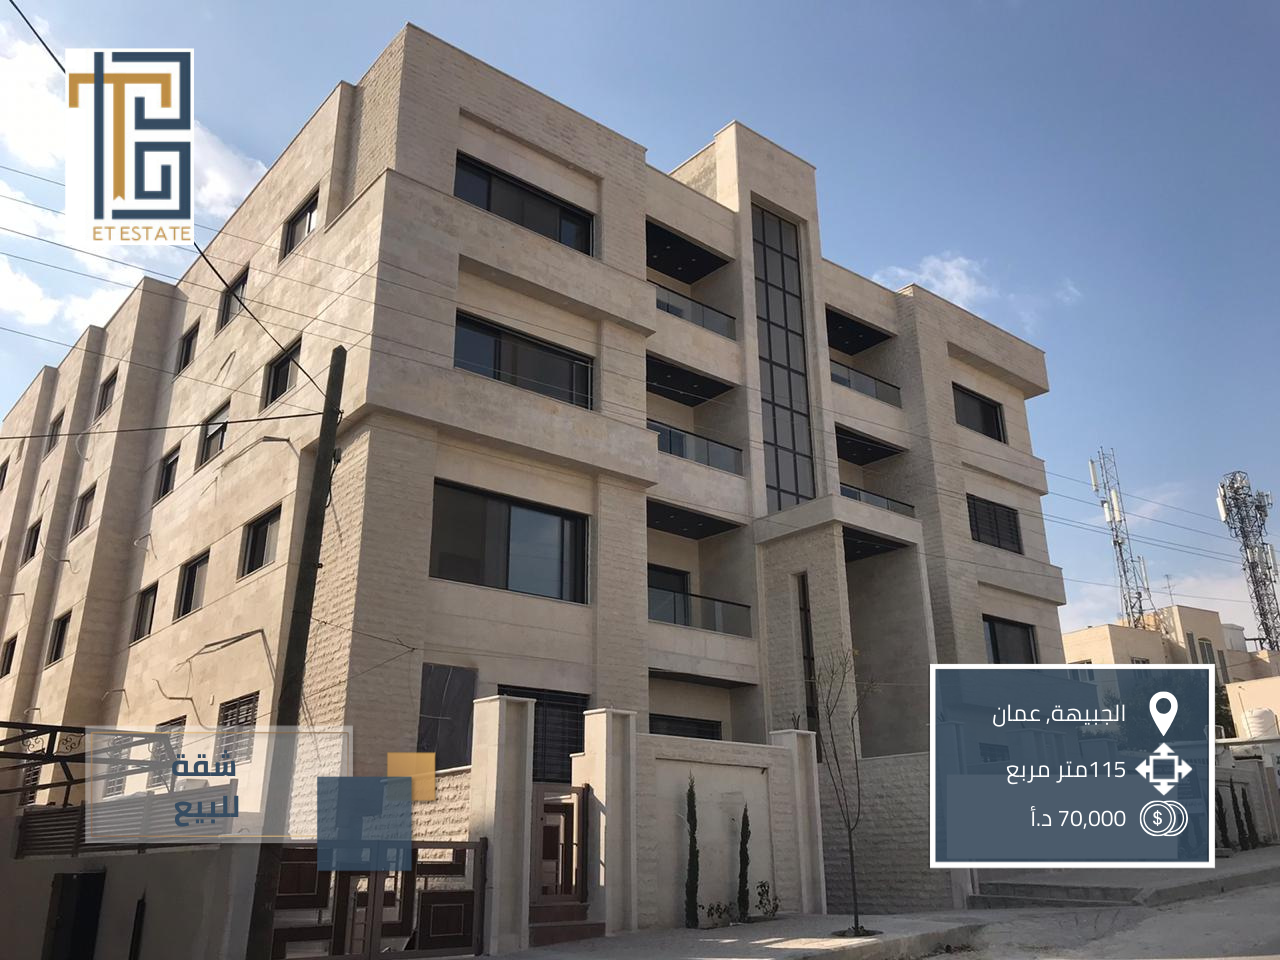 شقة للبيع في الجبيهة عمان